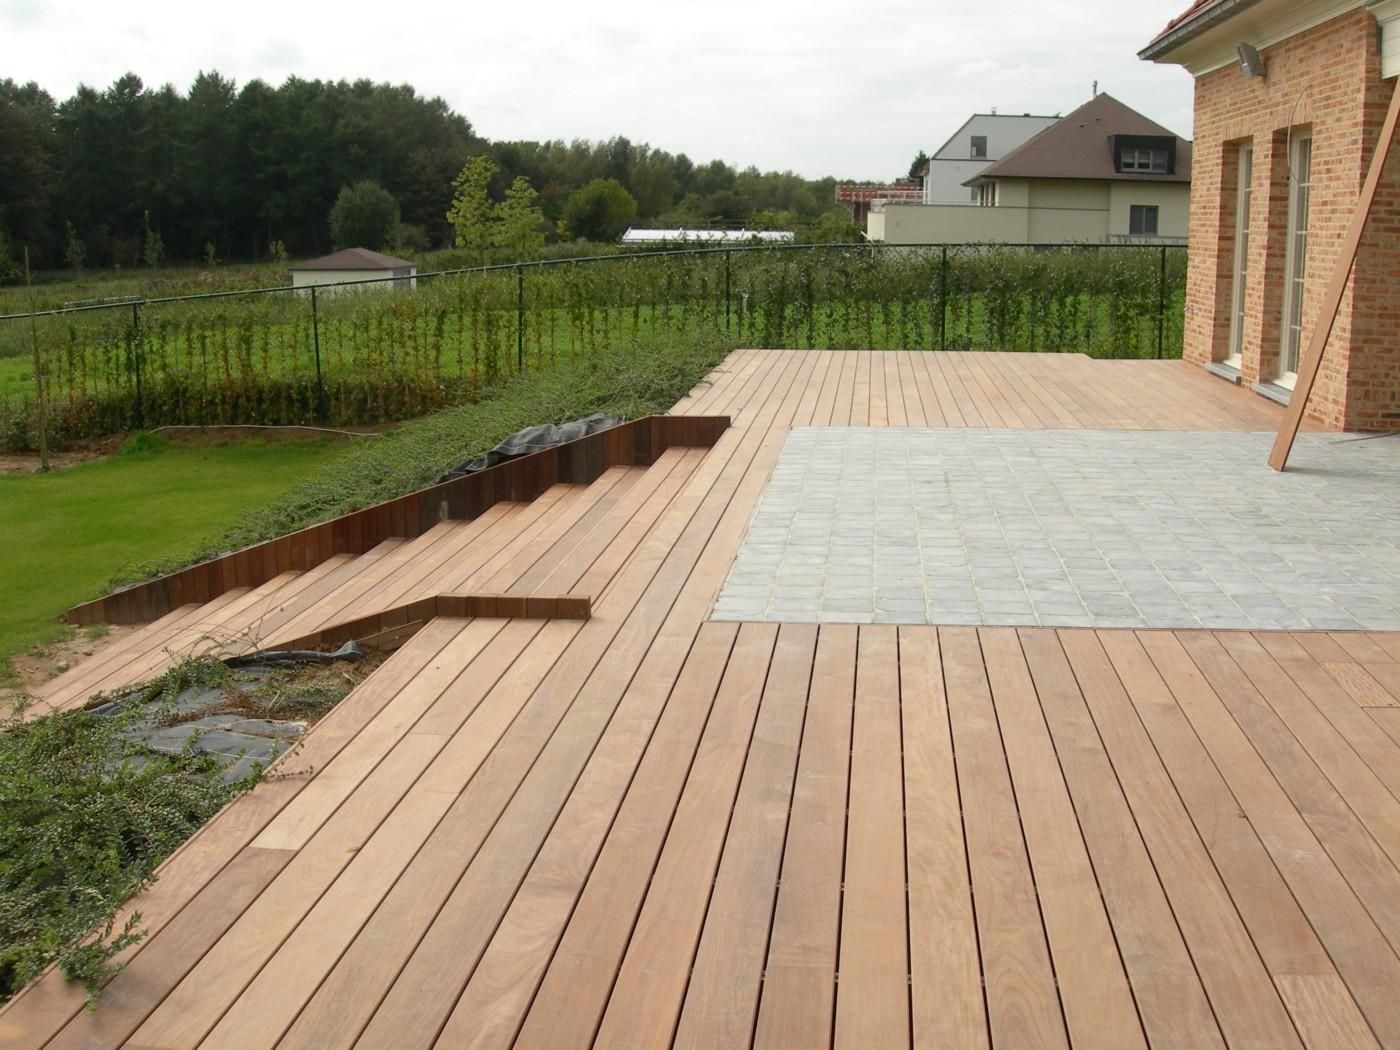 terrasses en bois ip et pierres mt design. Black Bedroom Furniture Sets. Home Design Ideas